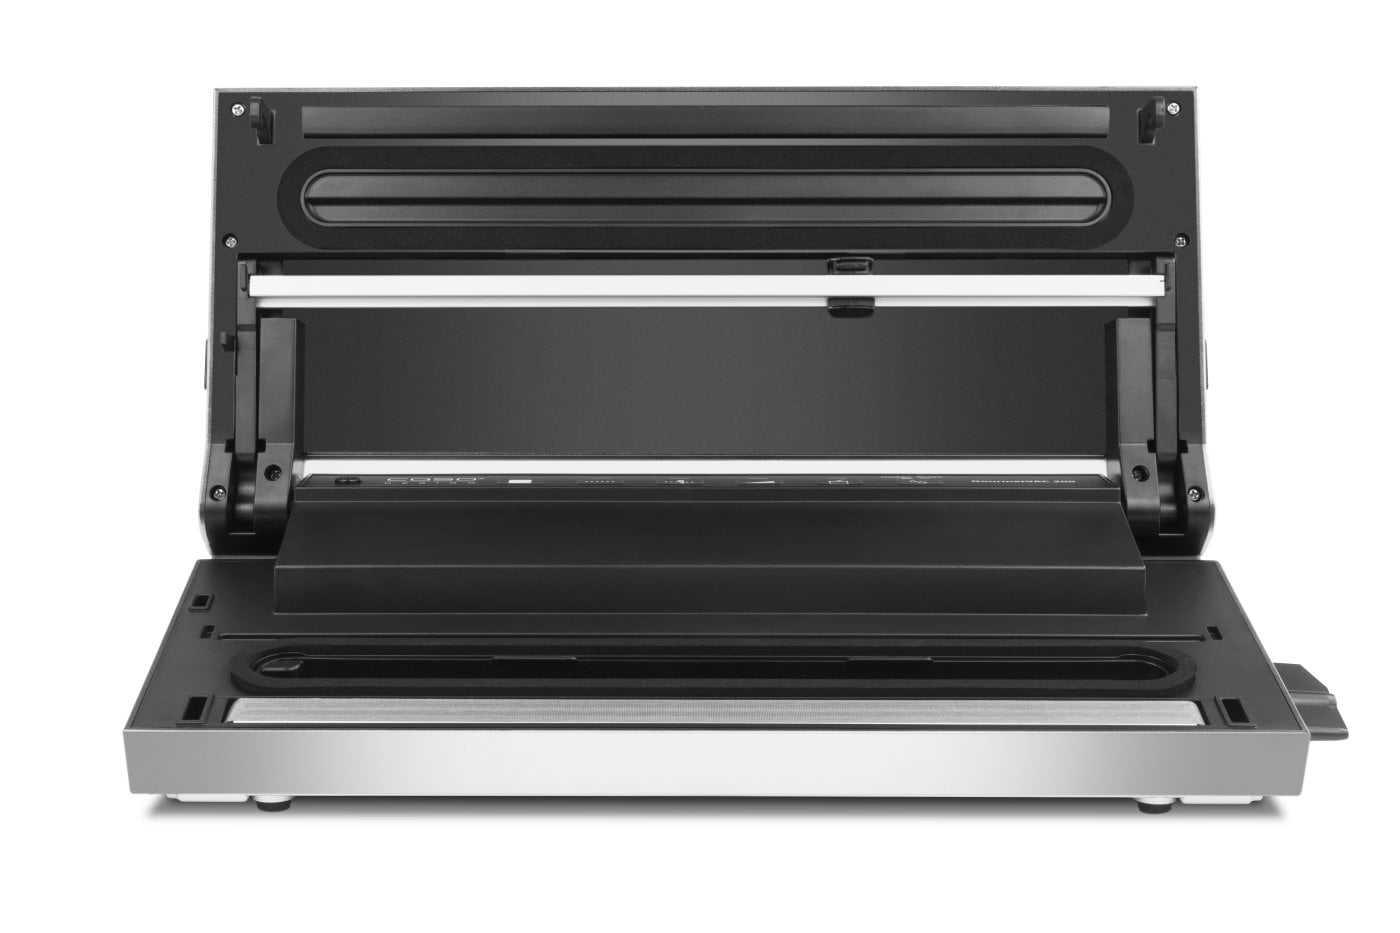 CASO GourmetVAC 280 | vollautomatisches Vakuumiersystem zum Vakuumieren Ihrer Lebensmittel